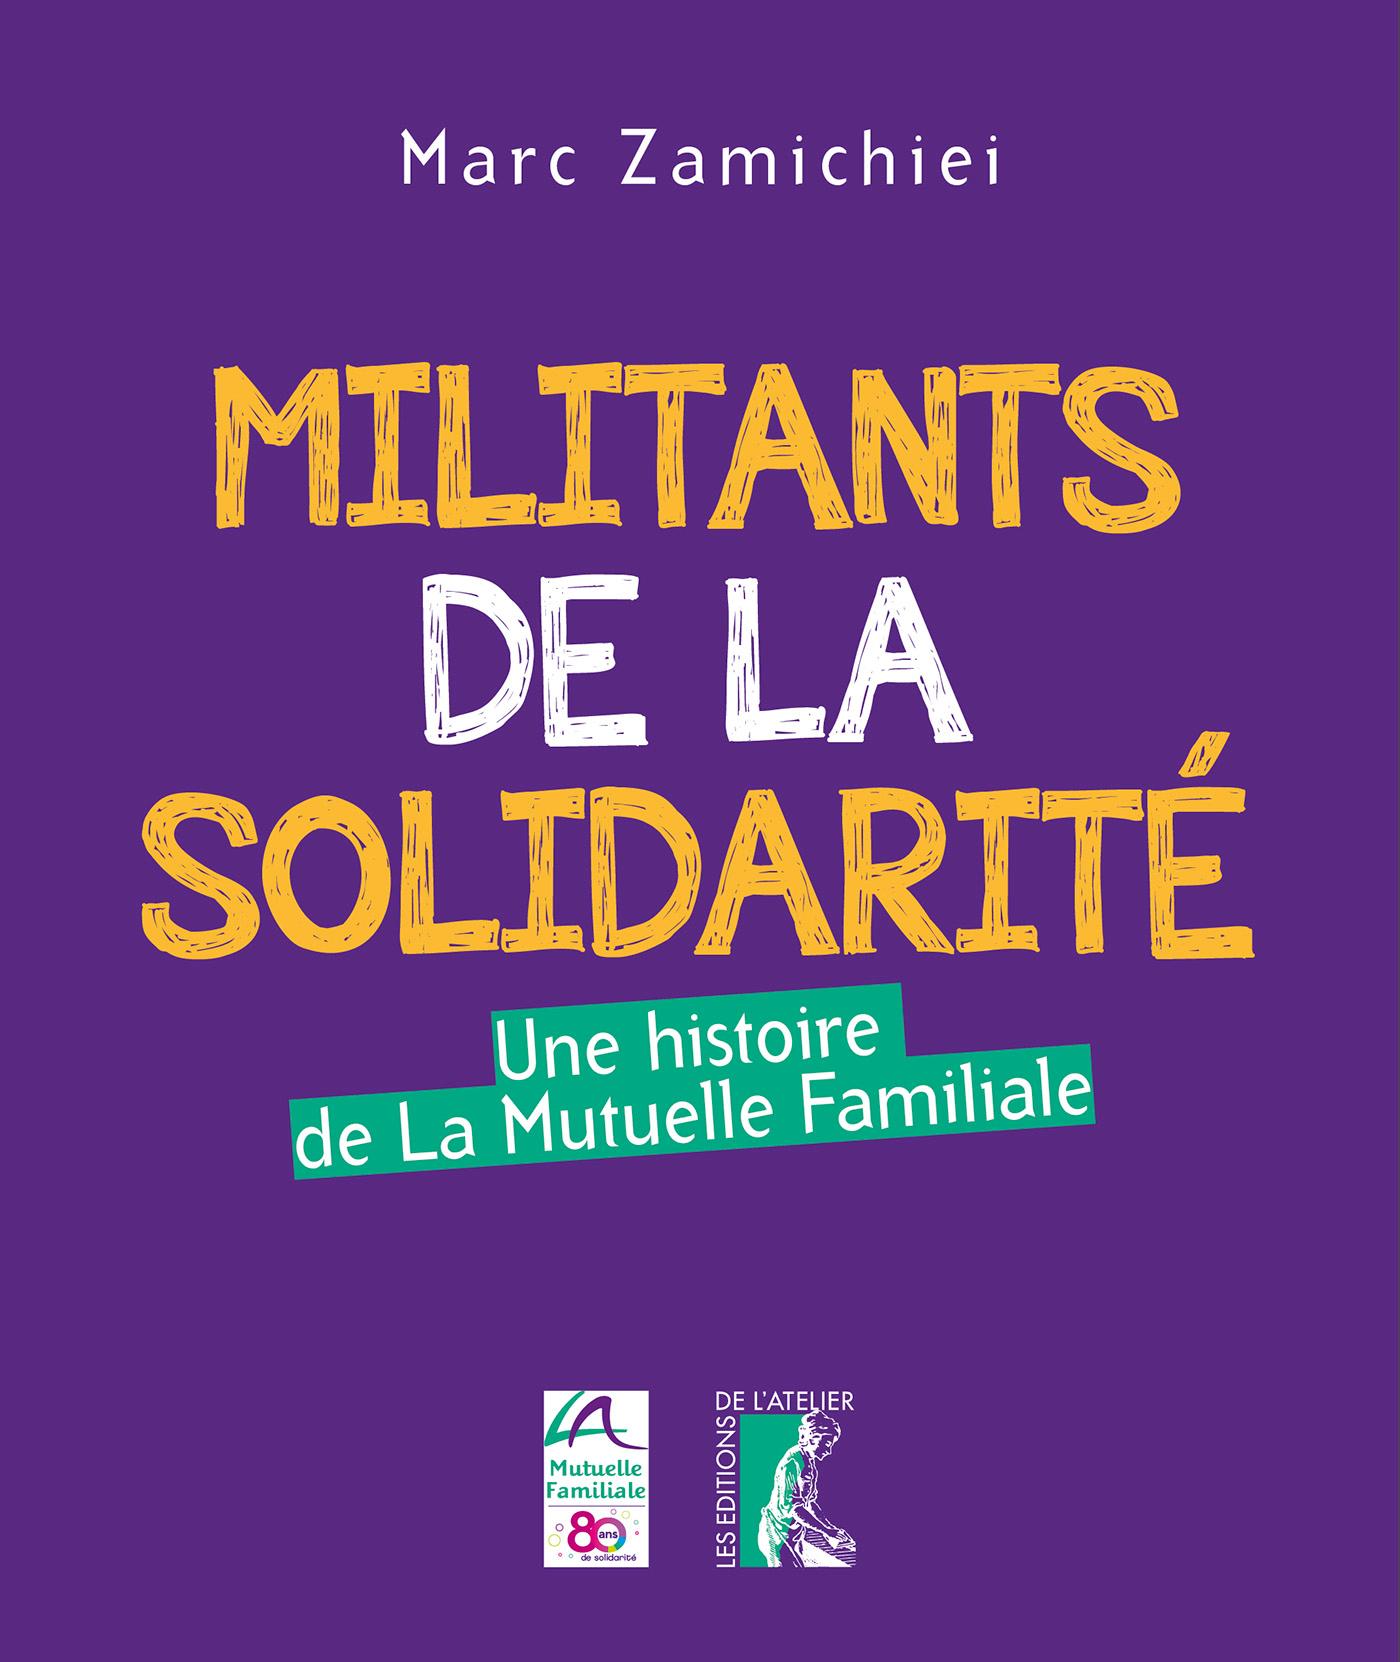 MILITANTS DE LA SOLIDARITE